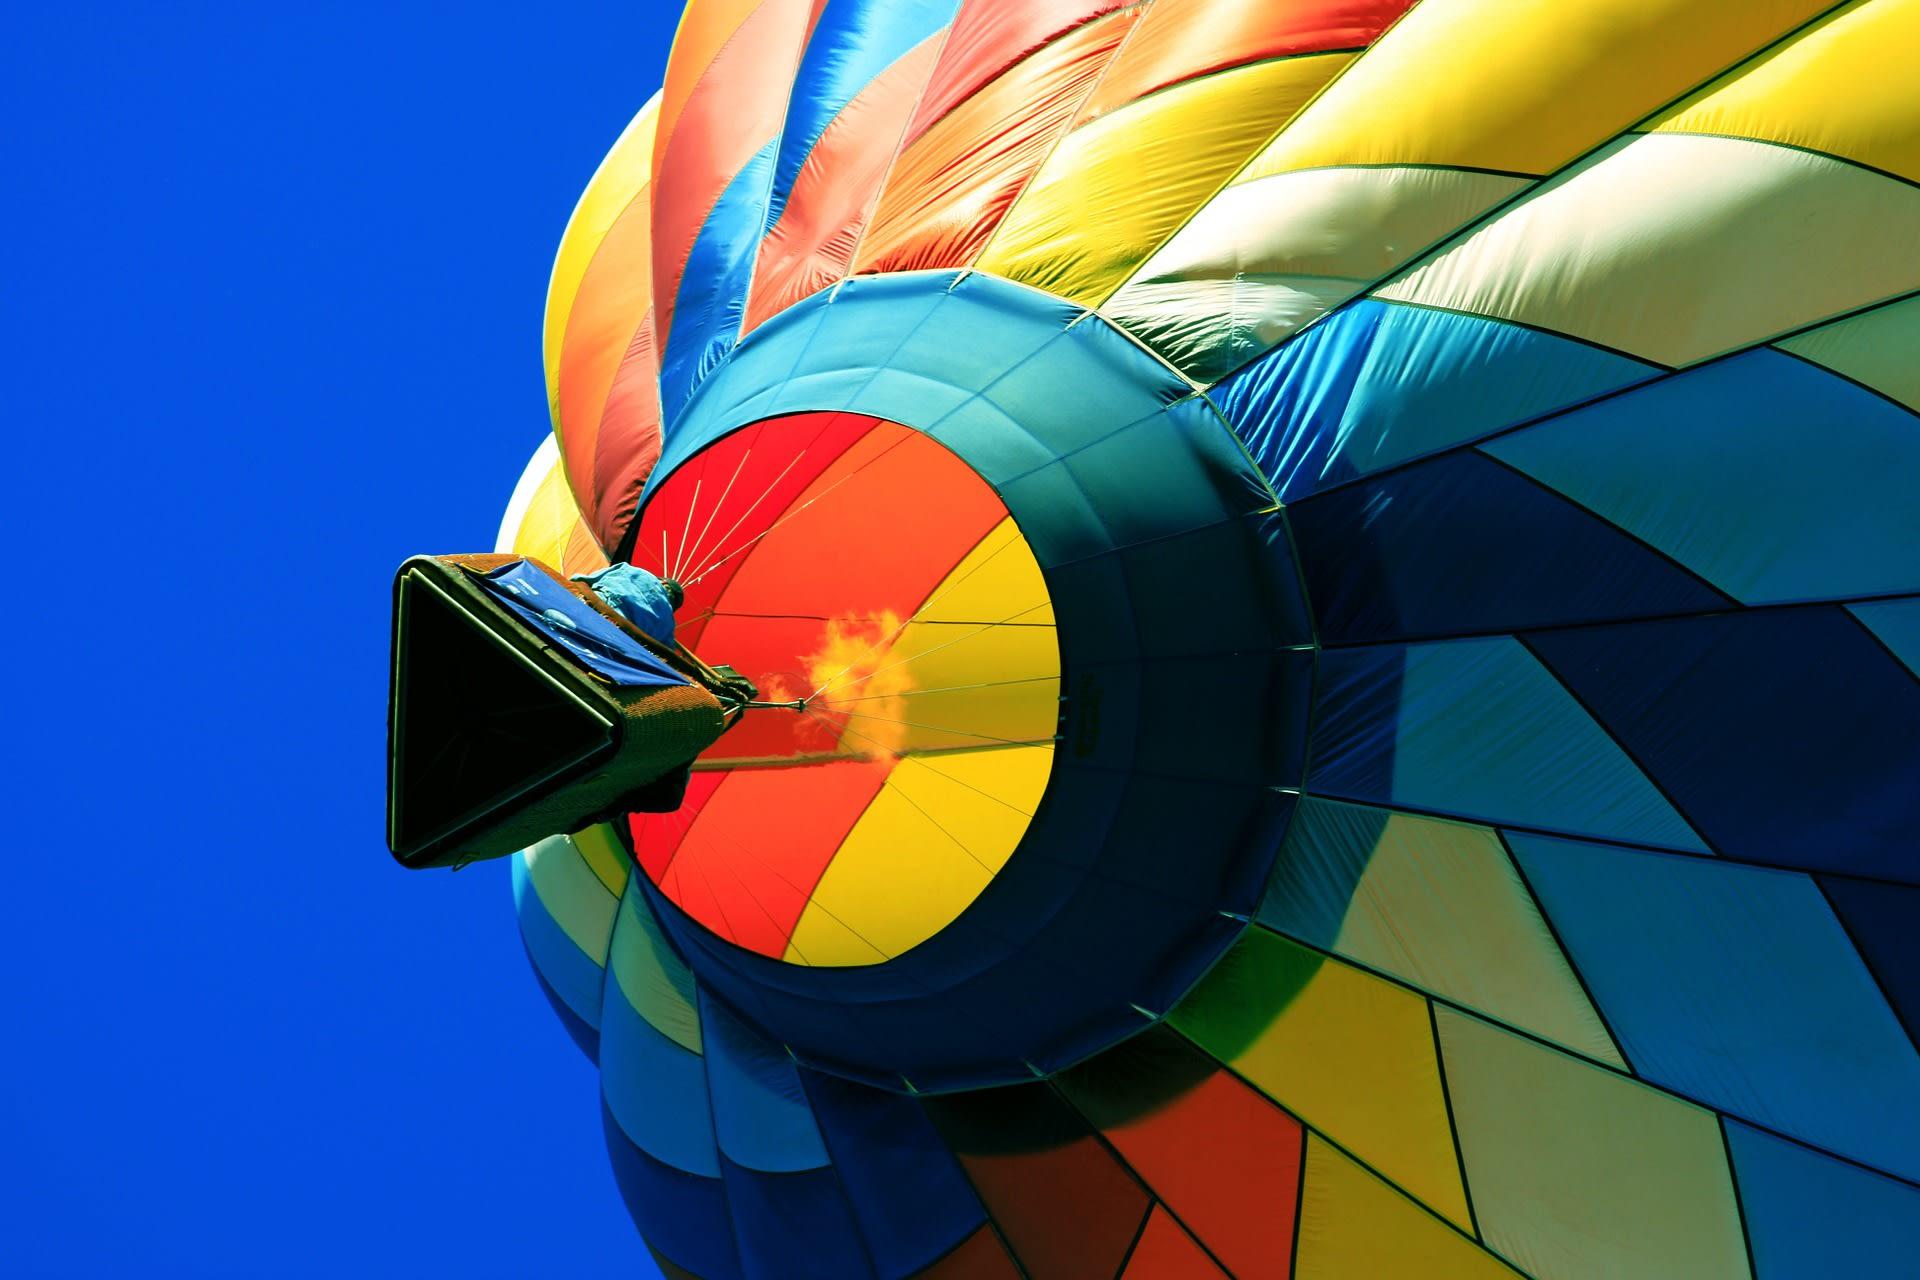 Fliegenden Heißluftballon